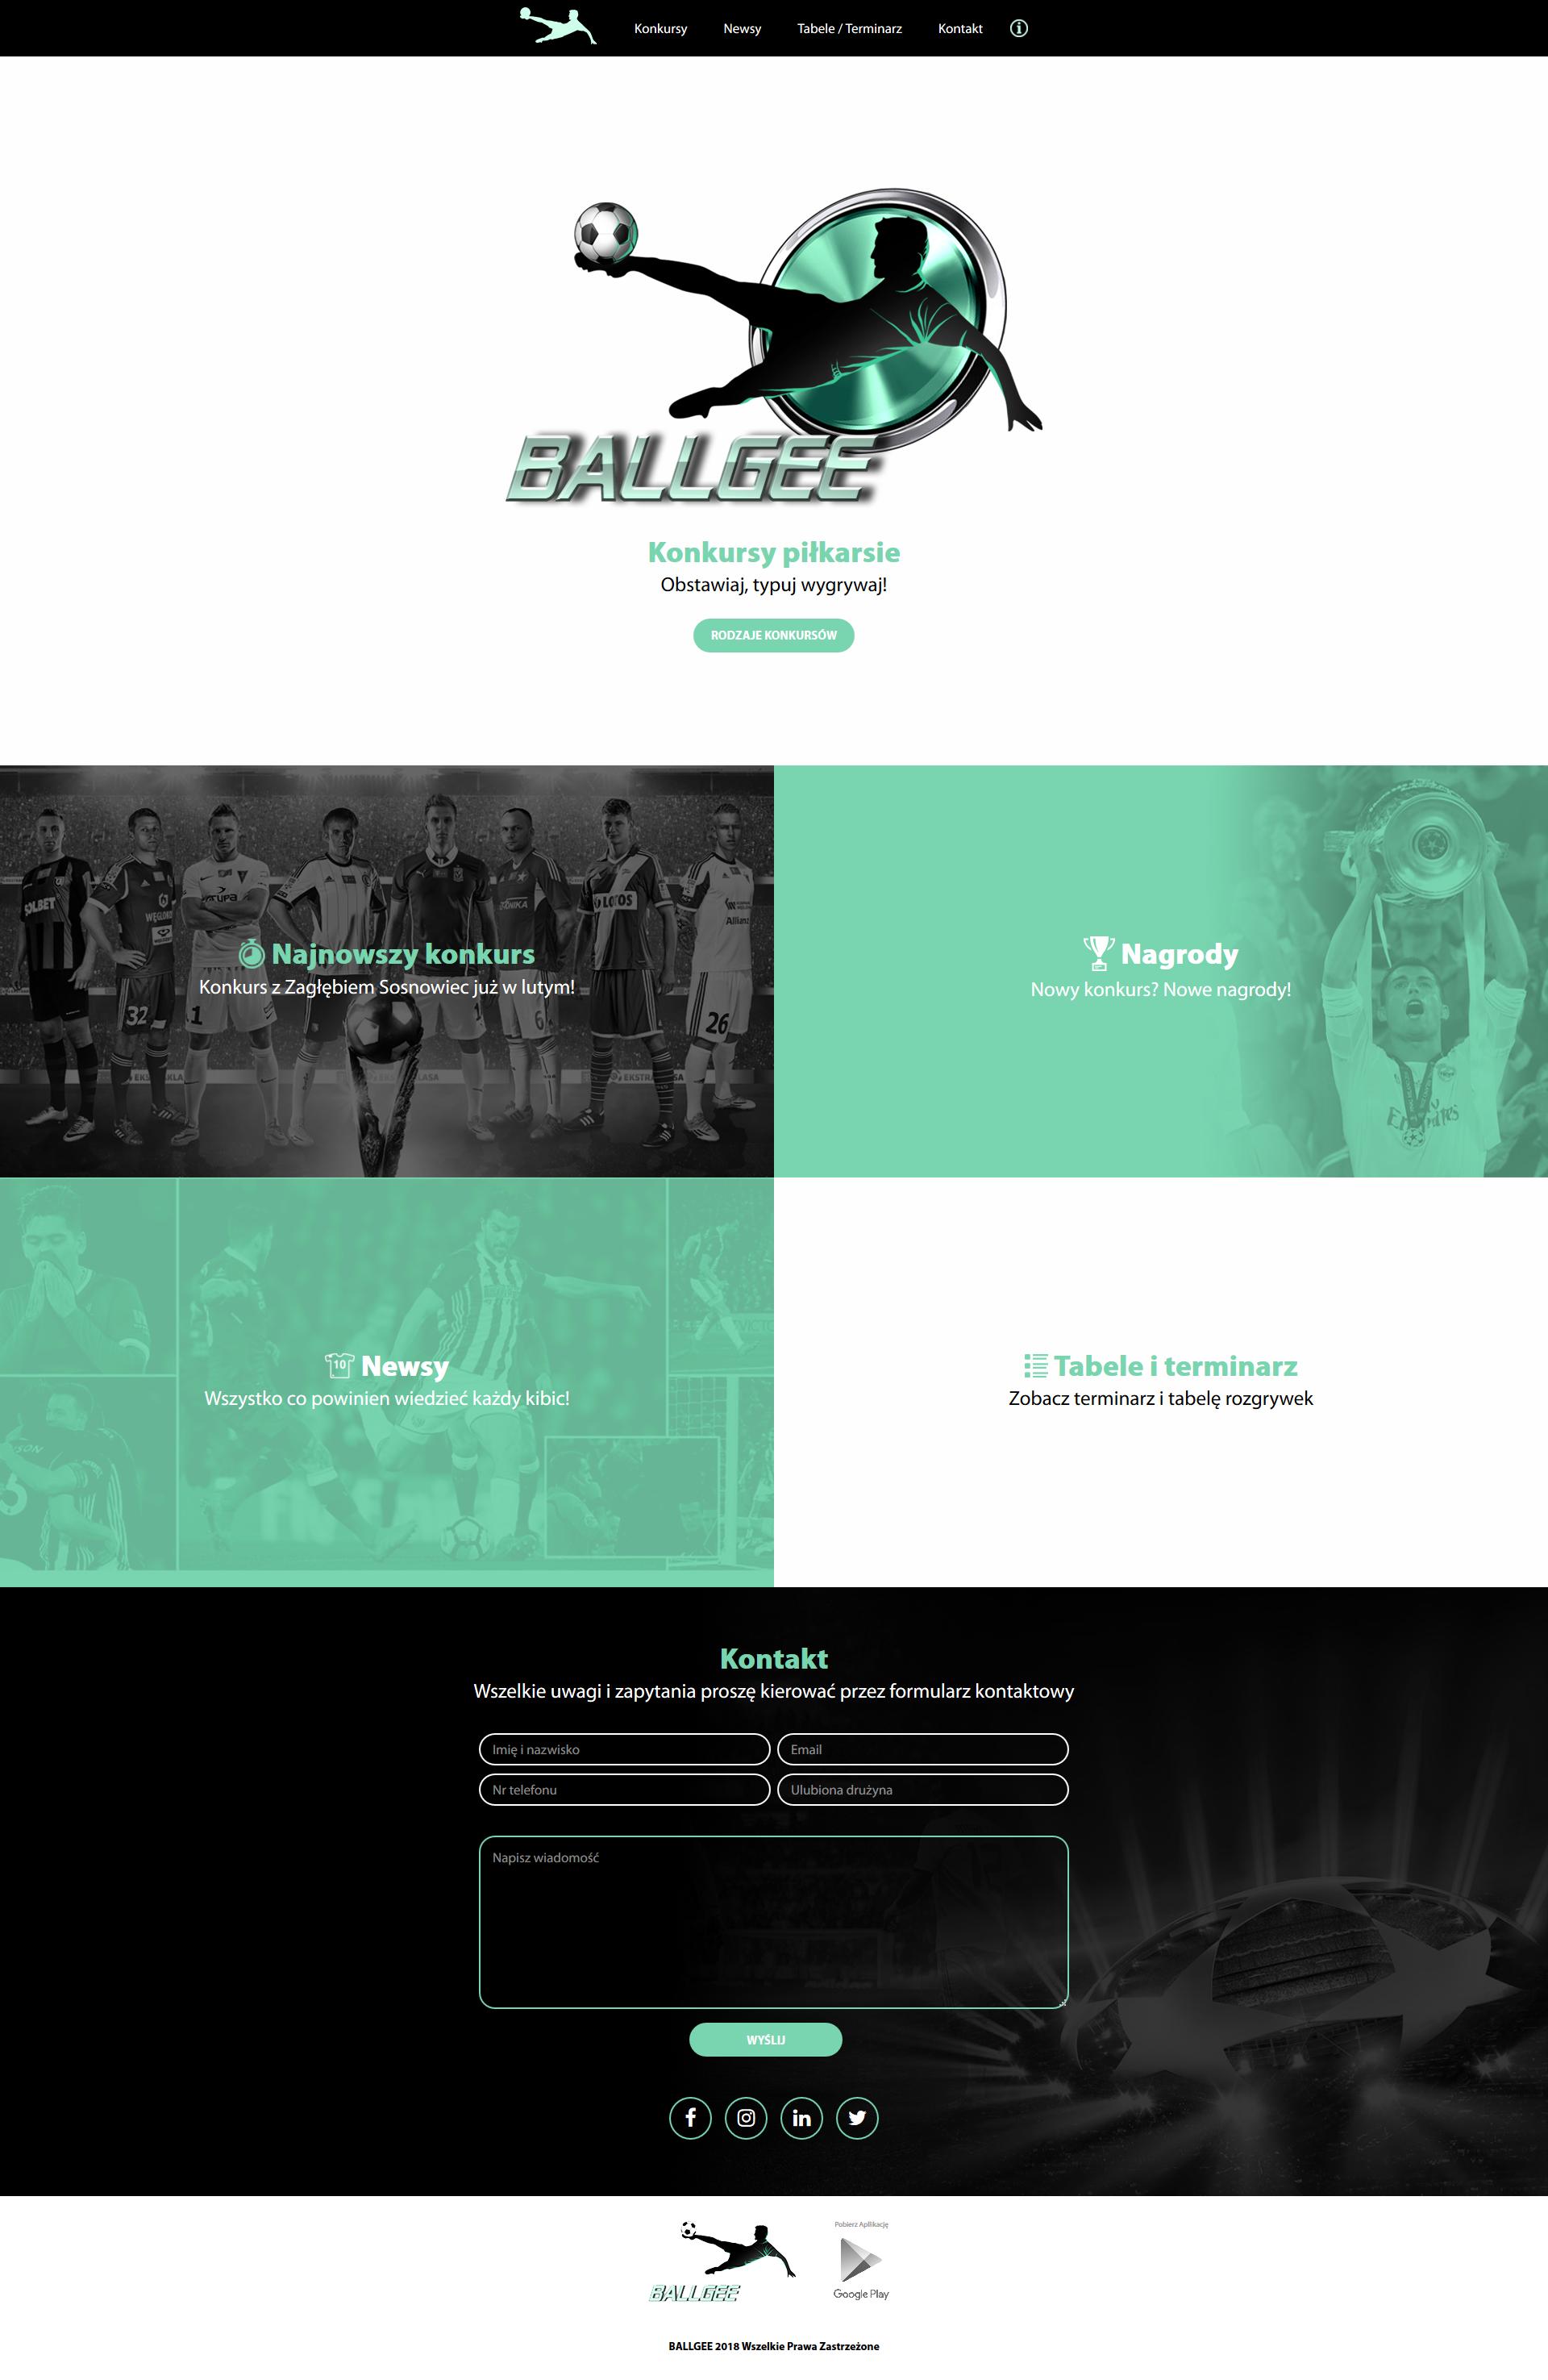 Ballgee 1